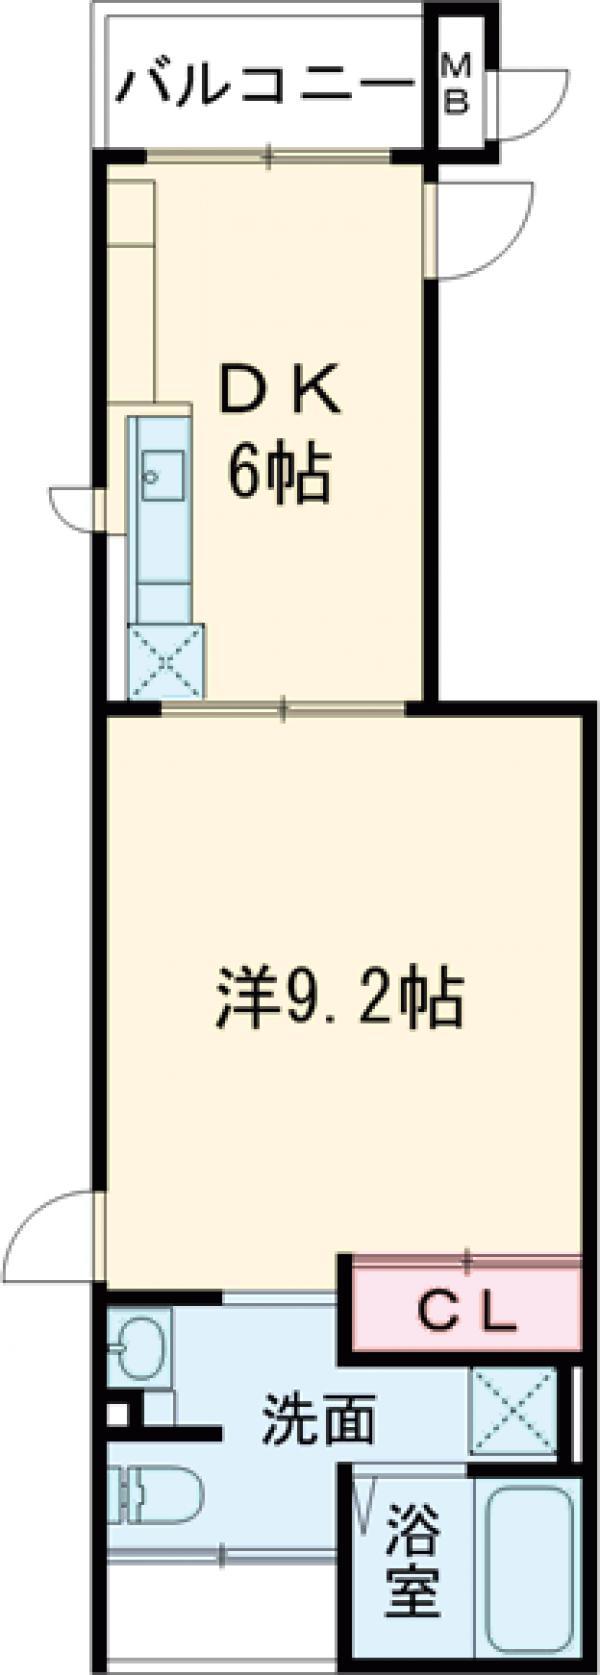 モアナ ハウス・02020号室の間取り